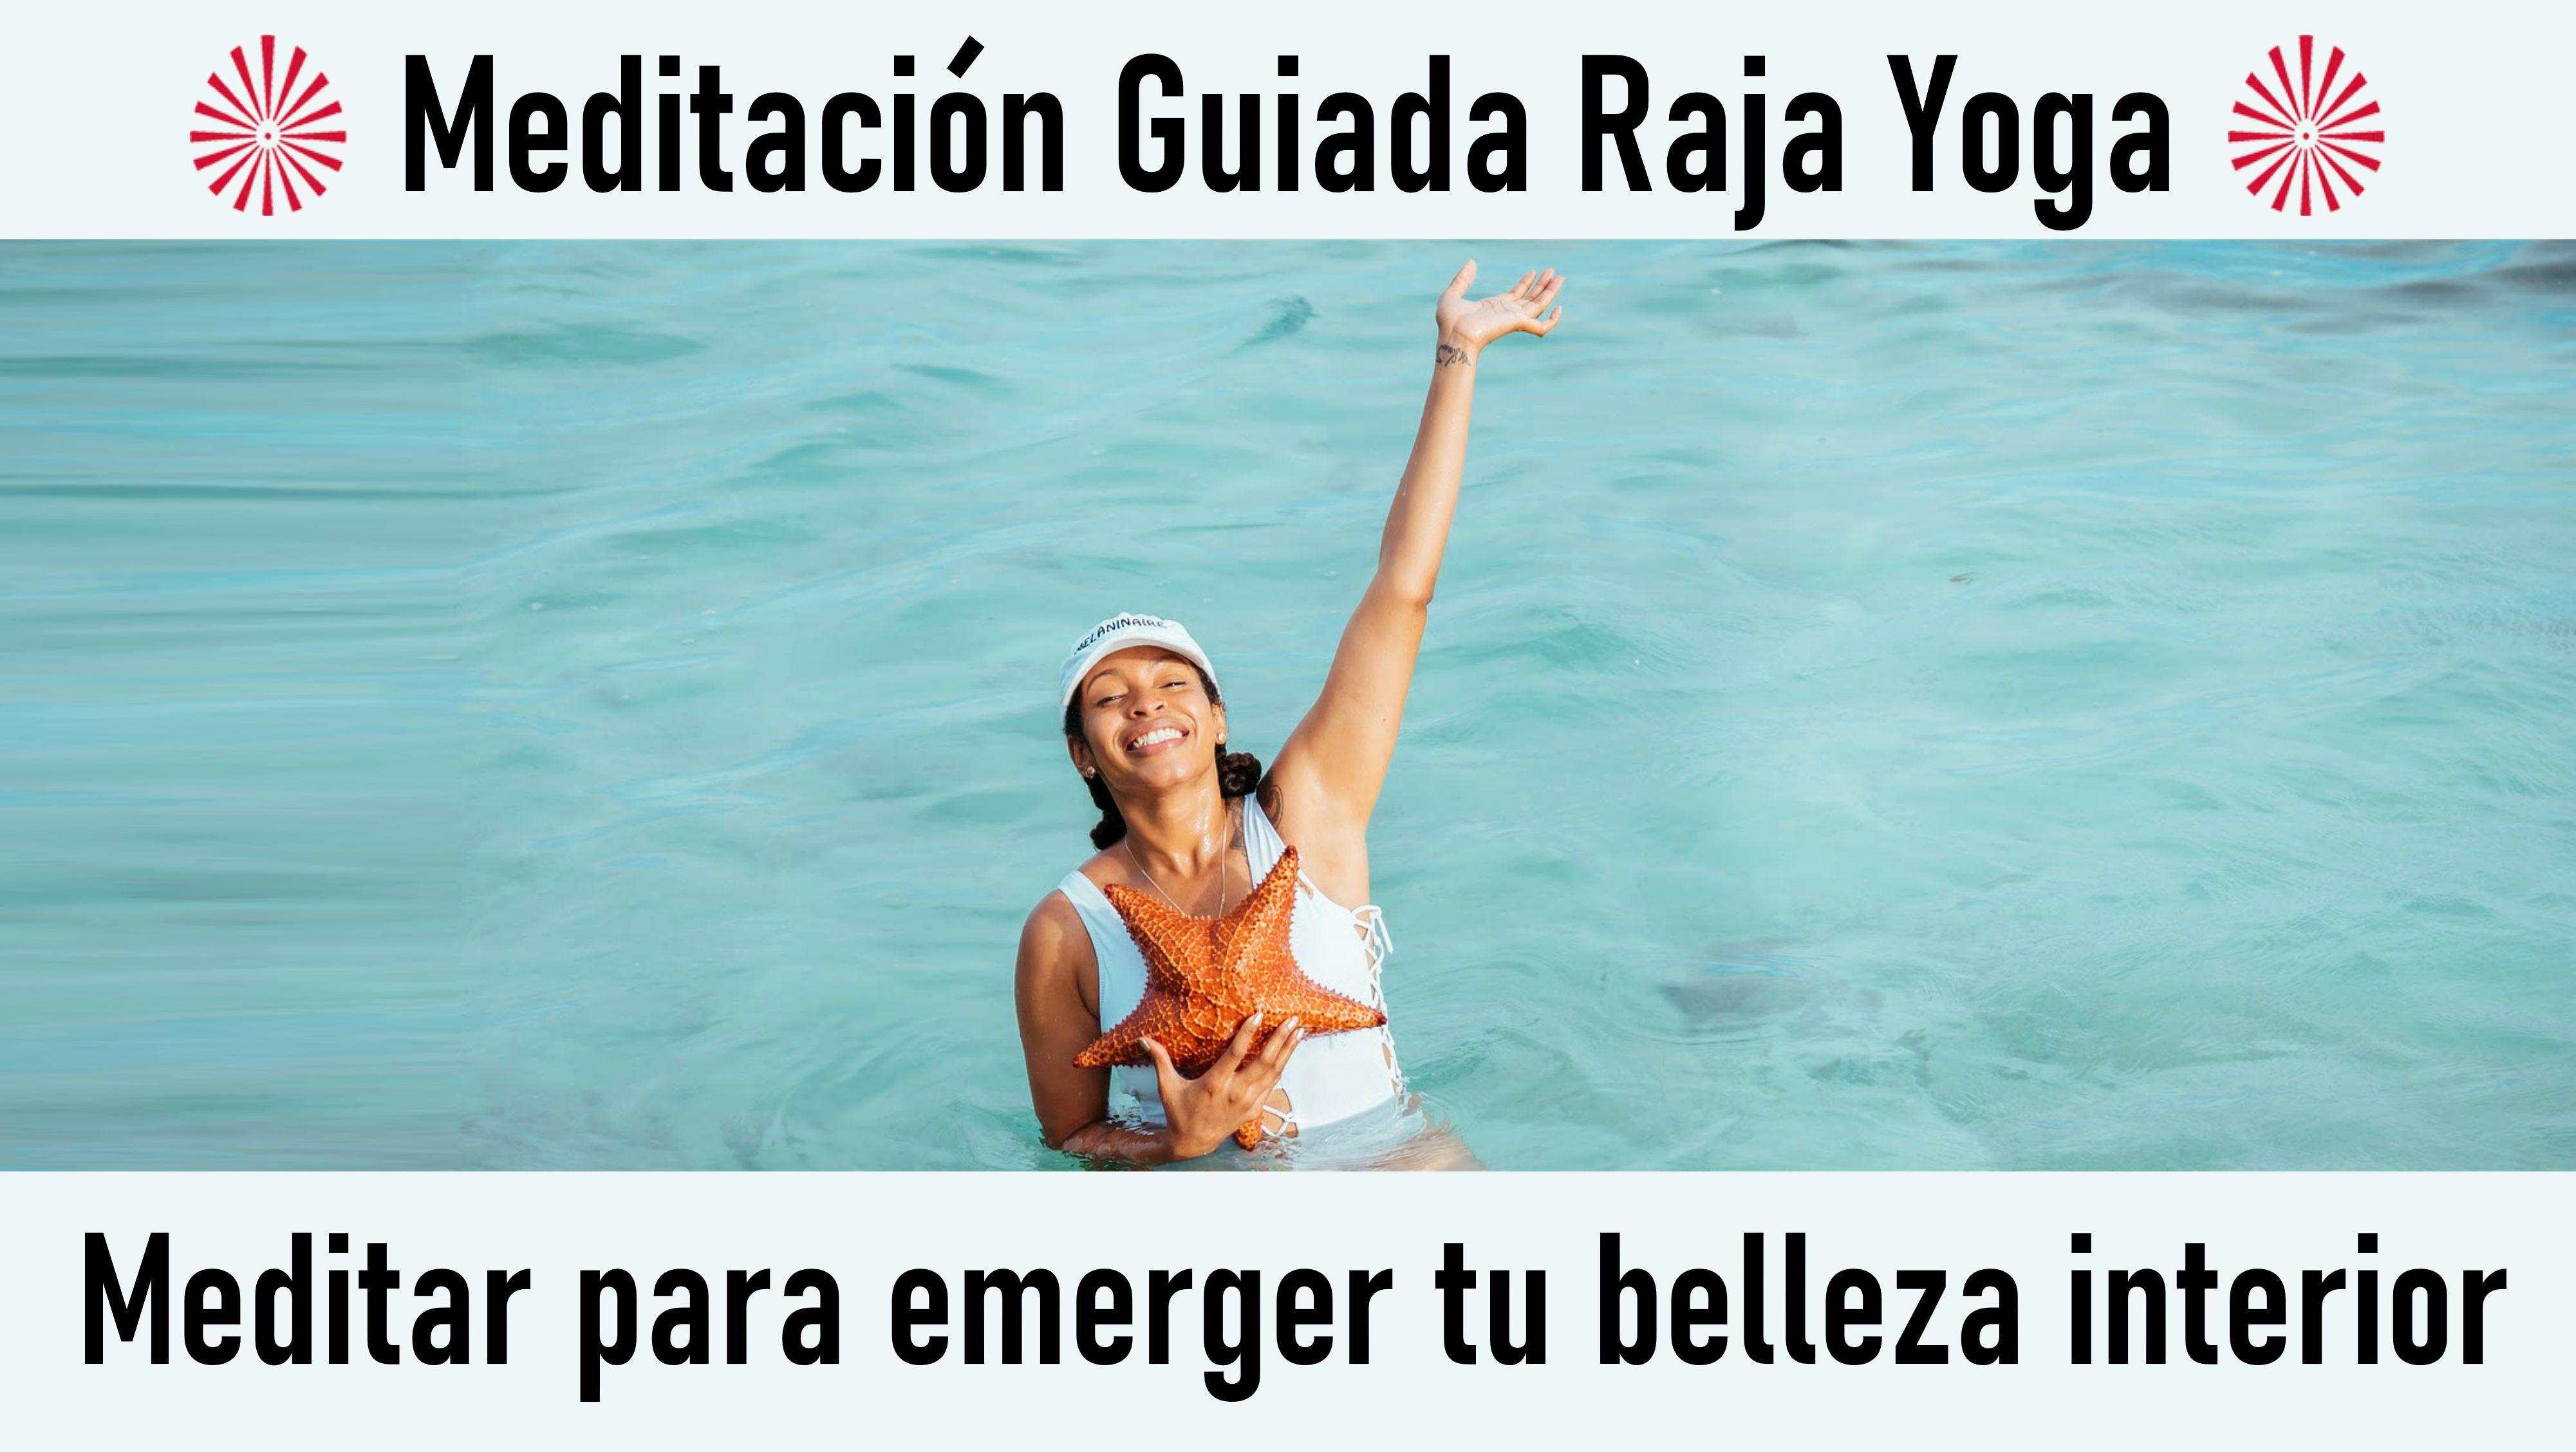 Meditación  Raja Yoga: Meditar para emerger tu belleza interior (29 Julio 2020) On-line desde Sevilla